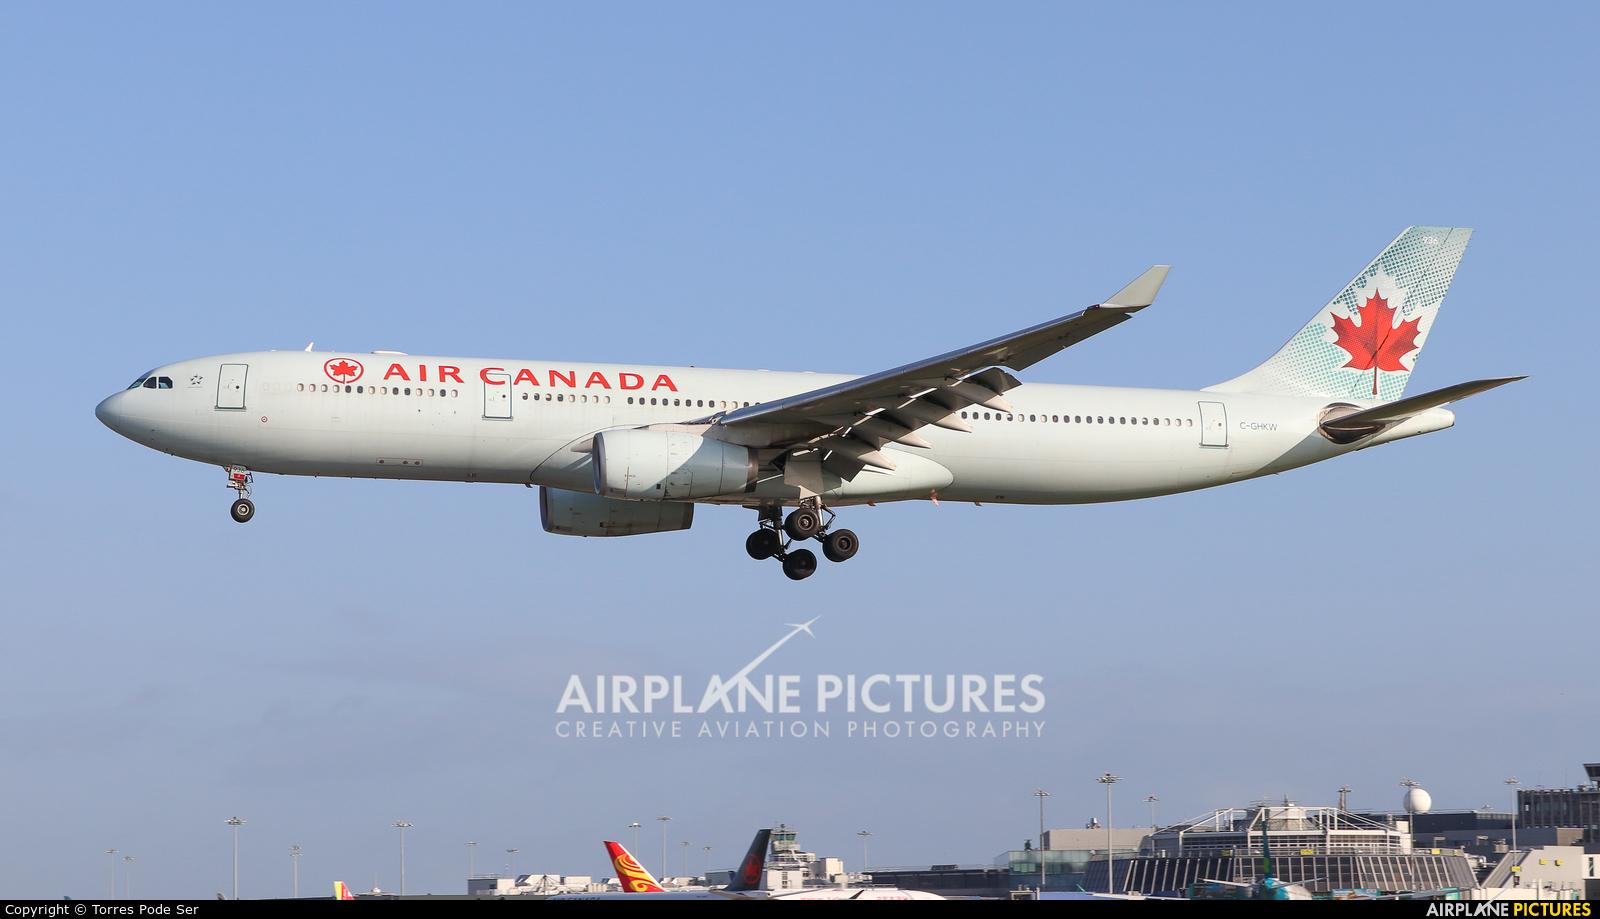 Air Canada C-GHKW aircraft at Dublin